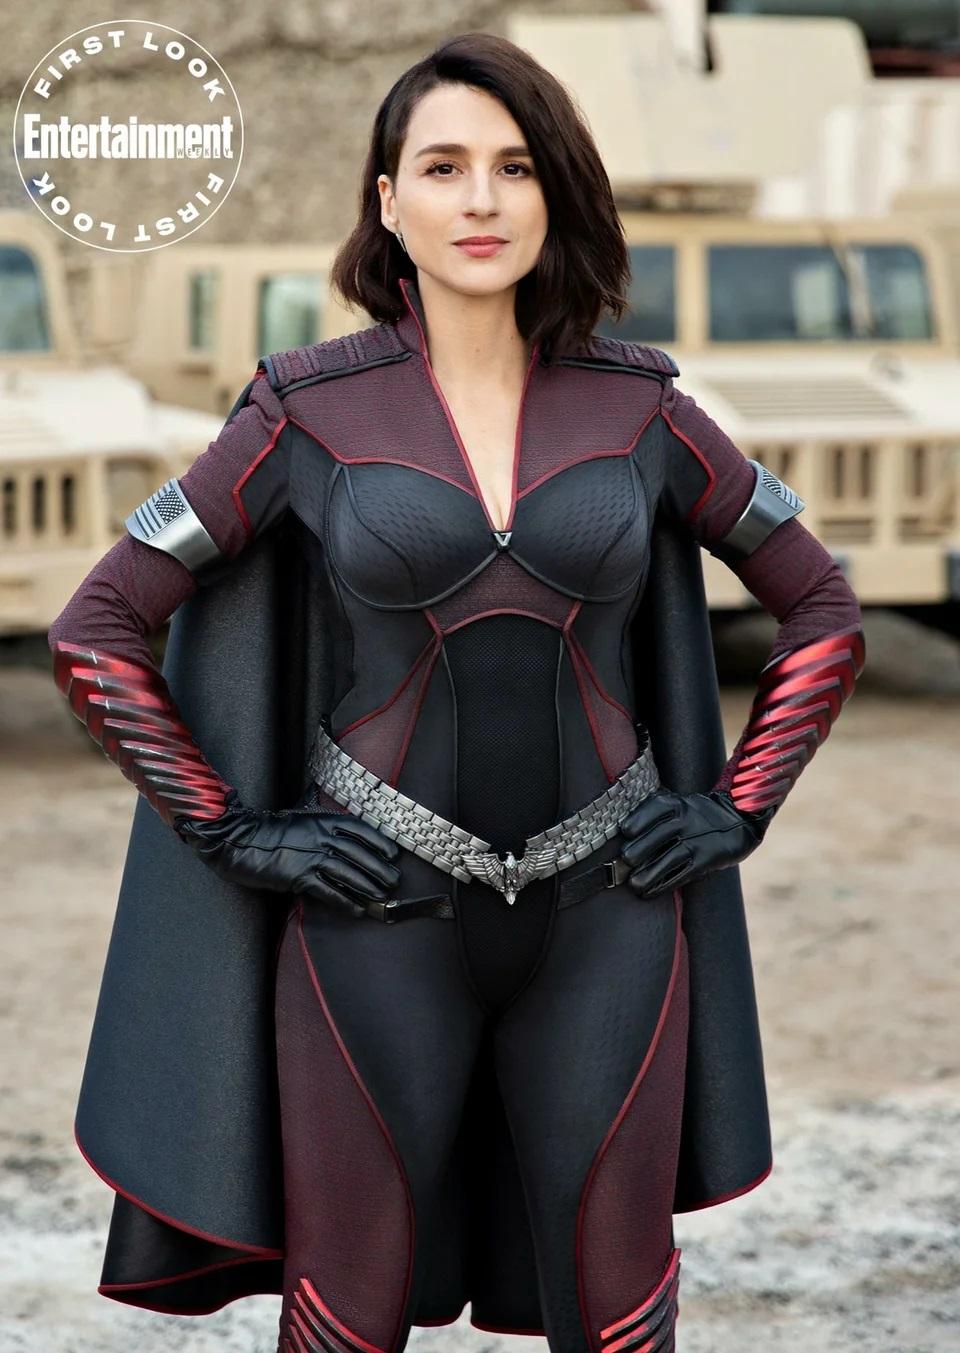 «Пацаны»: АяКэш, сыгравшая Штормфронт, рассказала, вернетсяли героиня в3 сезоне